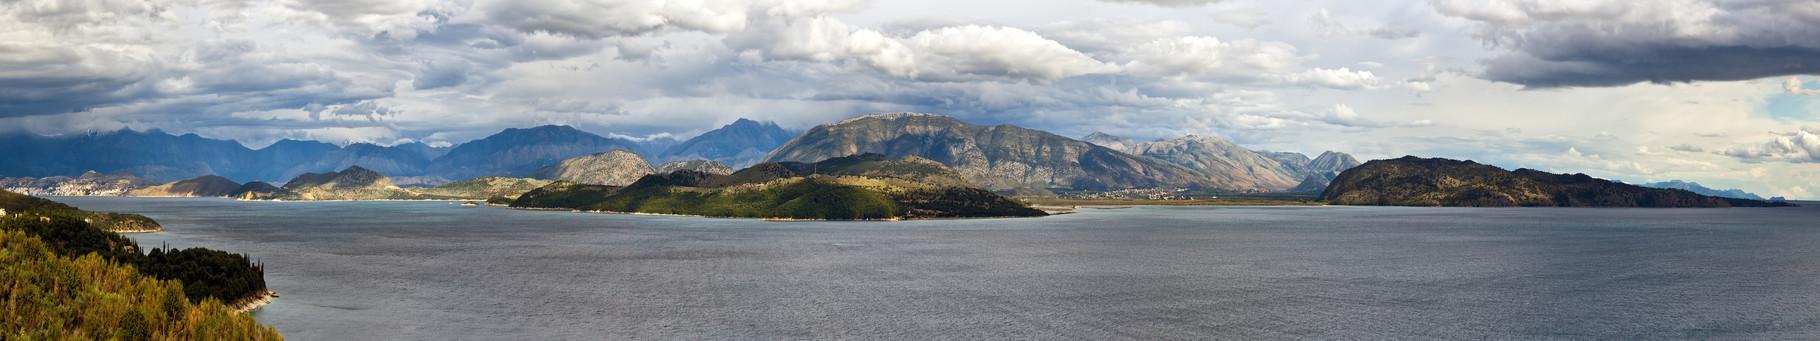 Blick nach Albanien - Korfu - Griechenland